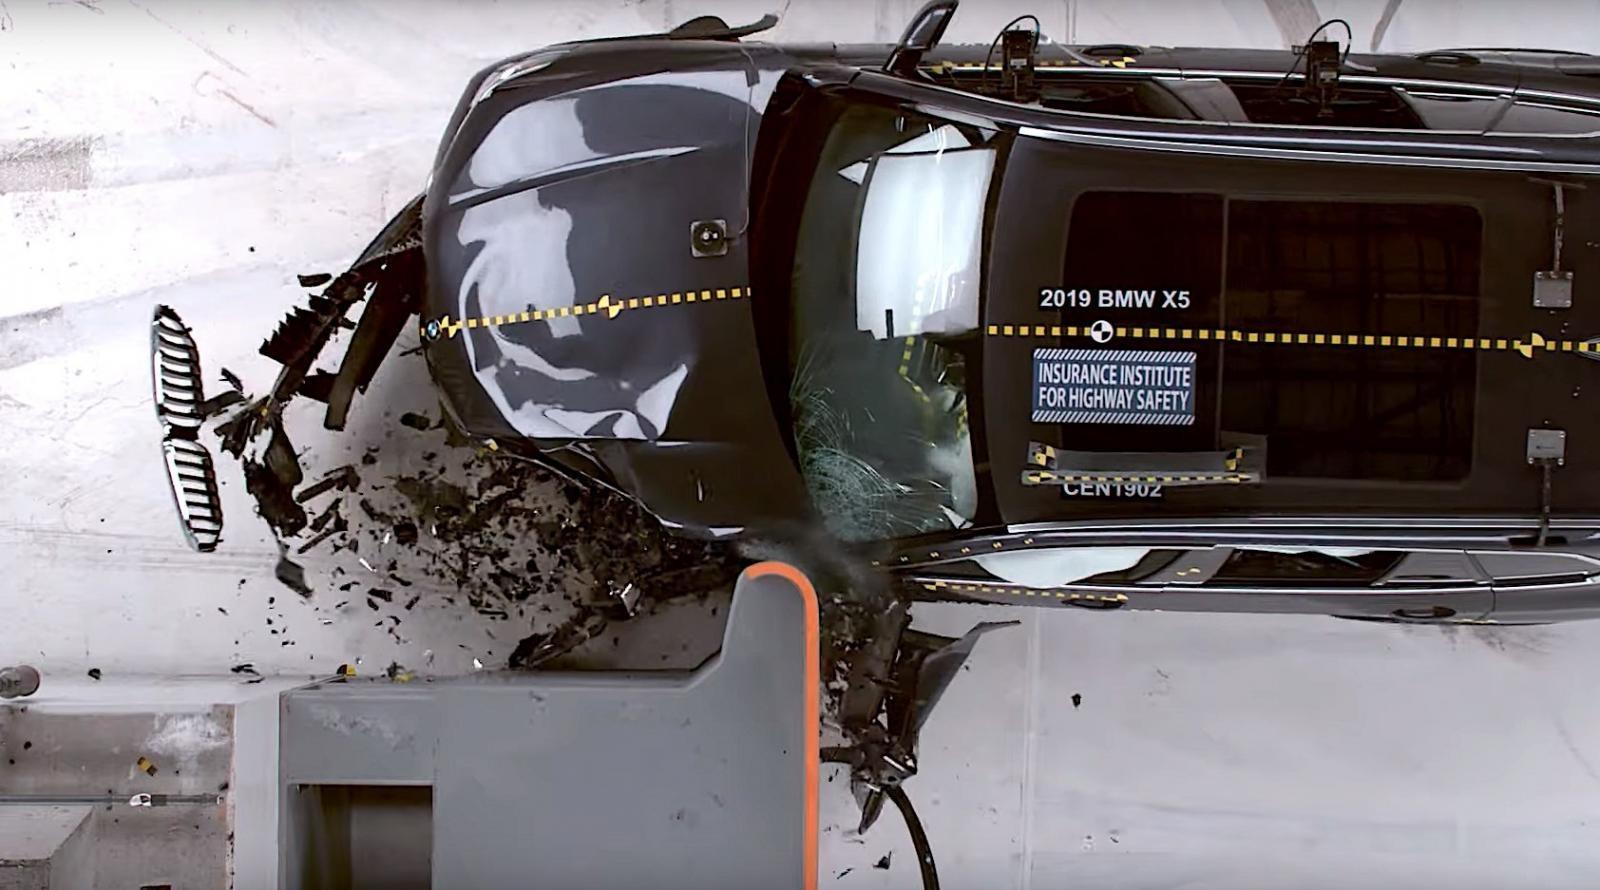 Ngay cả ở những trường hợp va chạm trực diện phía trước, hành khách phía sau vẫn bị nguy hiểm hơn